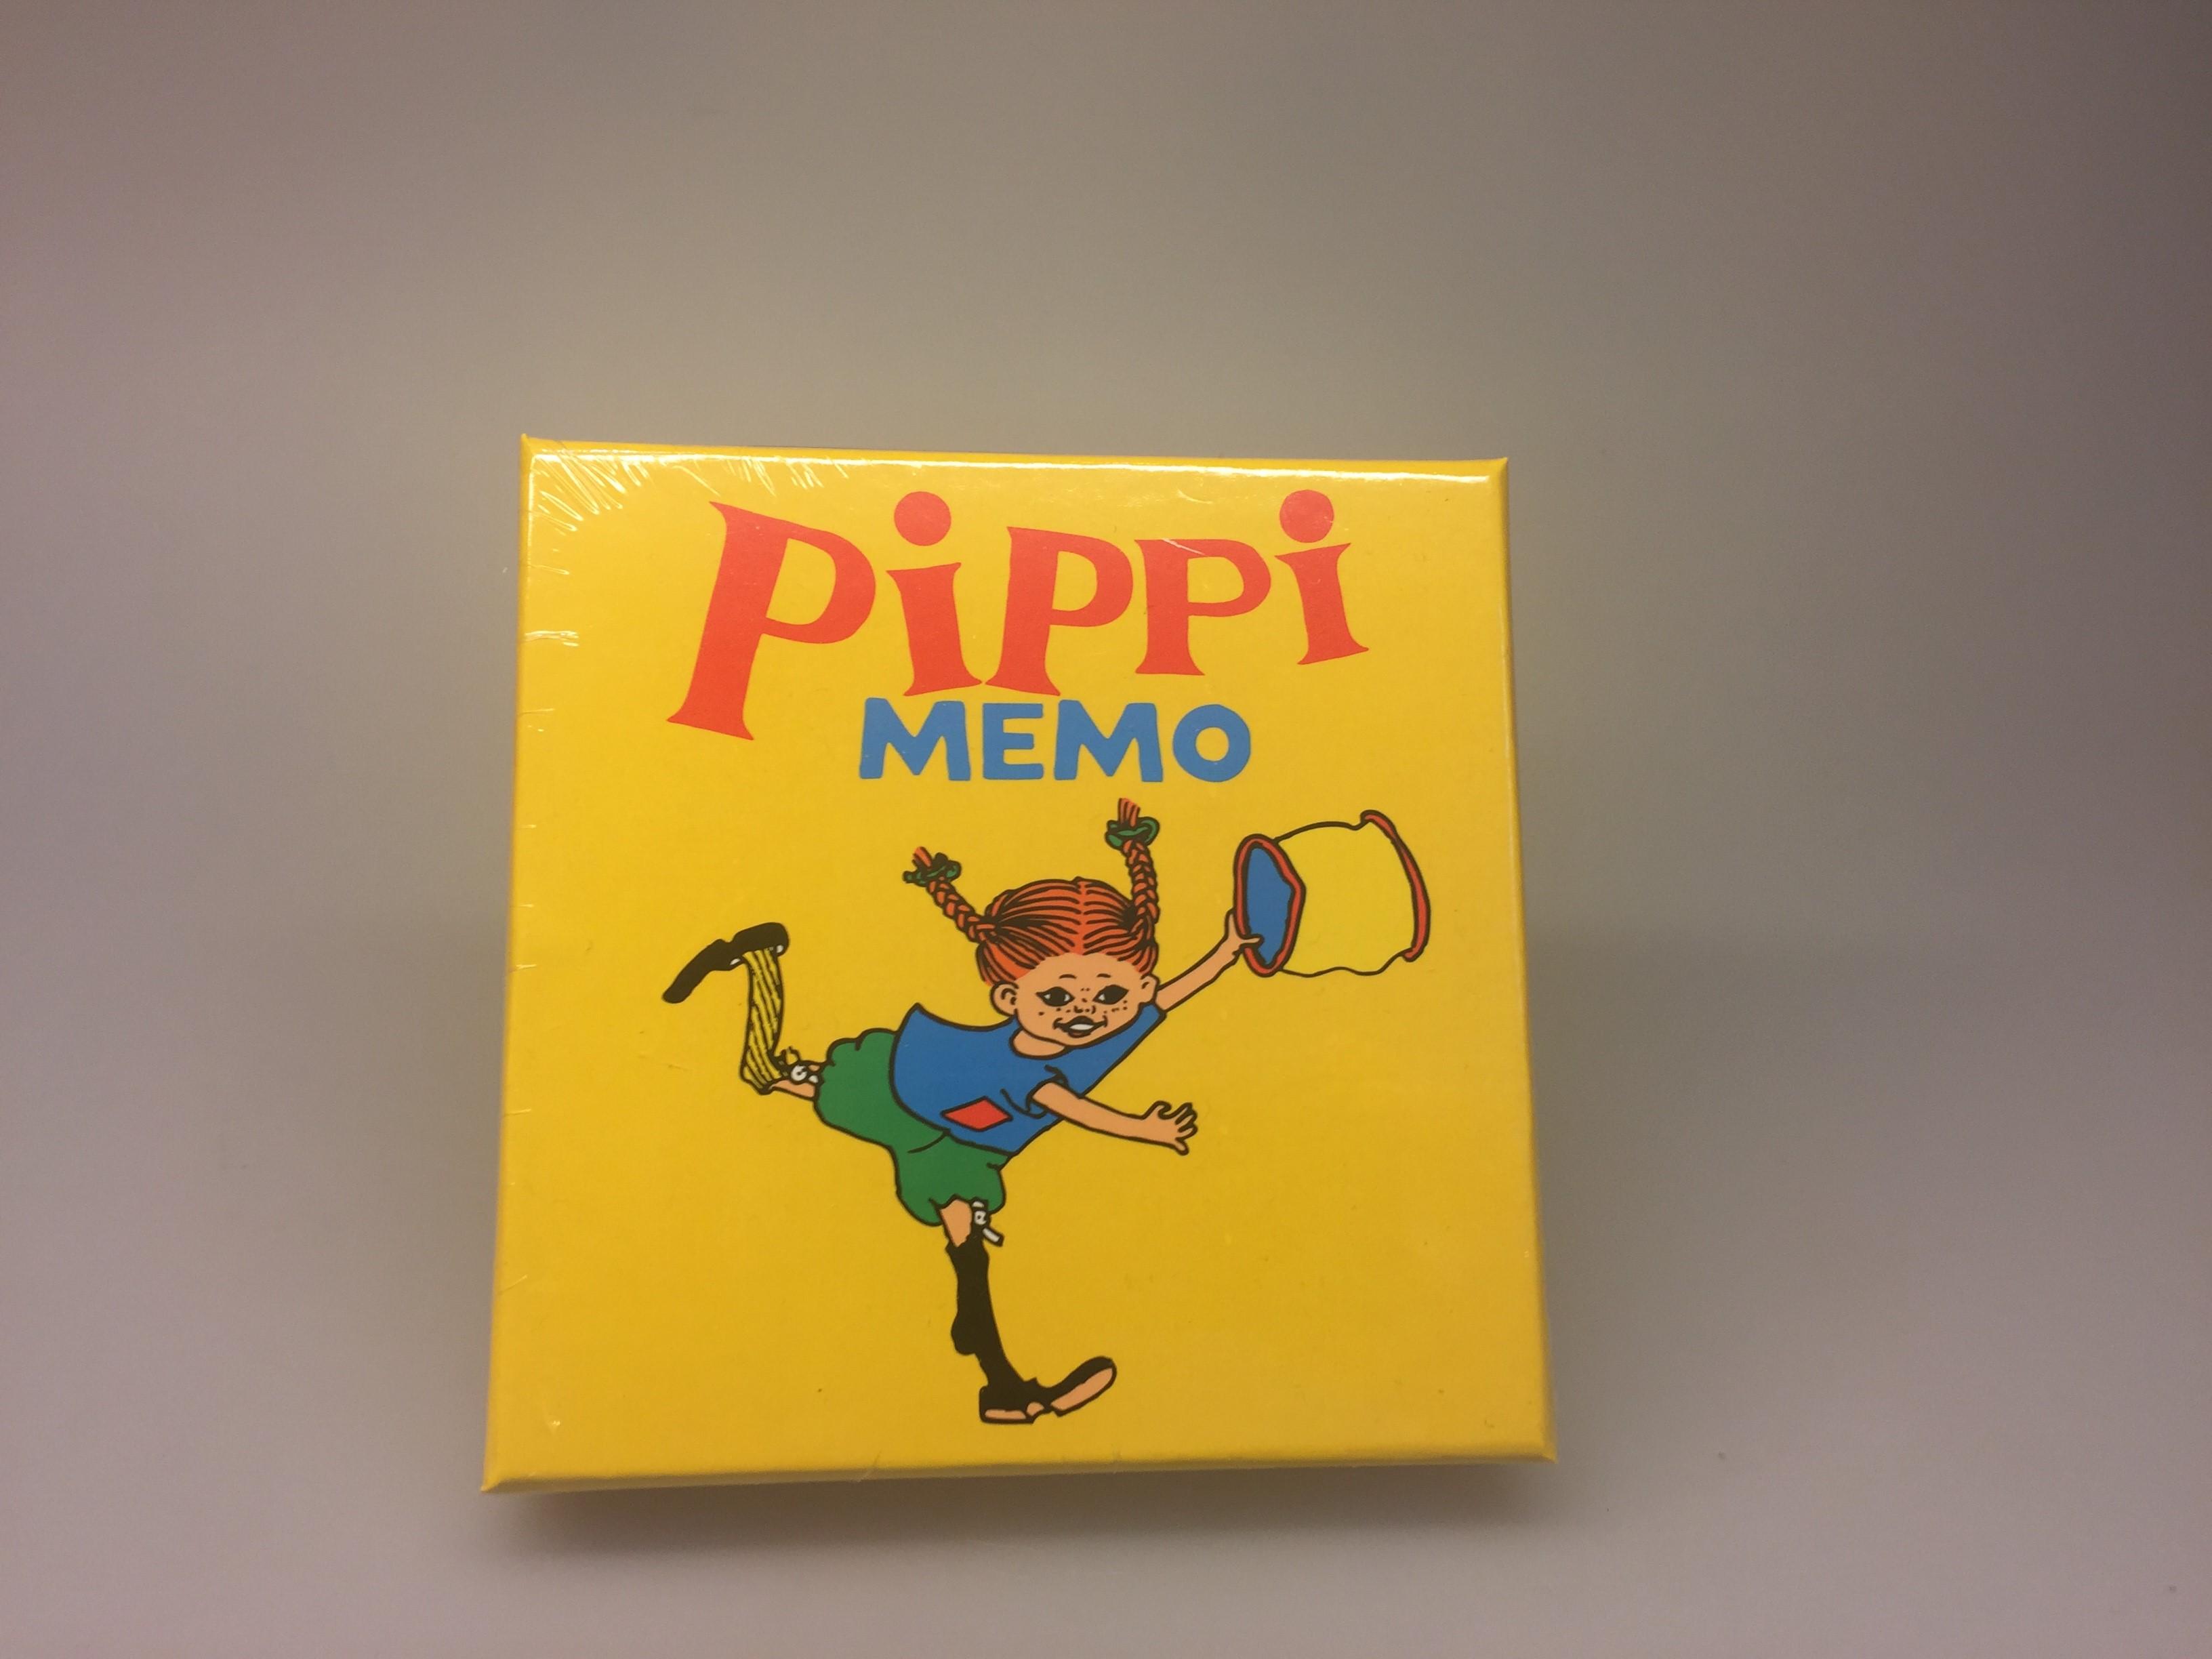 Pippi spil - Huskespil - Memo, memory, vendespil, huskespil, pippi langstrømpe, astrid lindgren, ingrid nymann, her kommer pippi langstrømp, børnespil, spil for børn, dåbsgave, barnedåb, barselsgave, baby shower, nostalgisk, gave ide, biti, ribe, retro, børneting, ting til børn